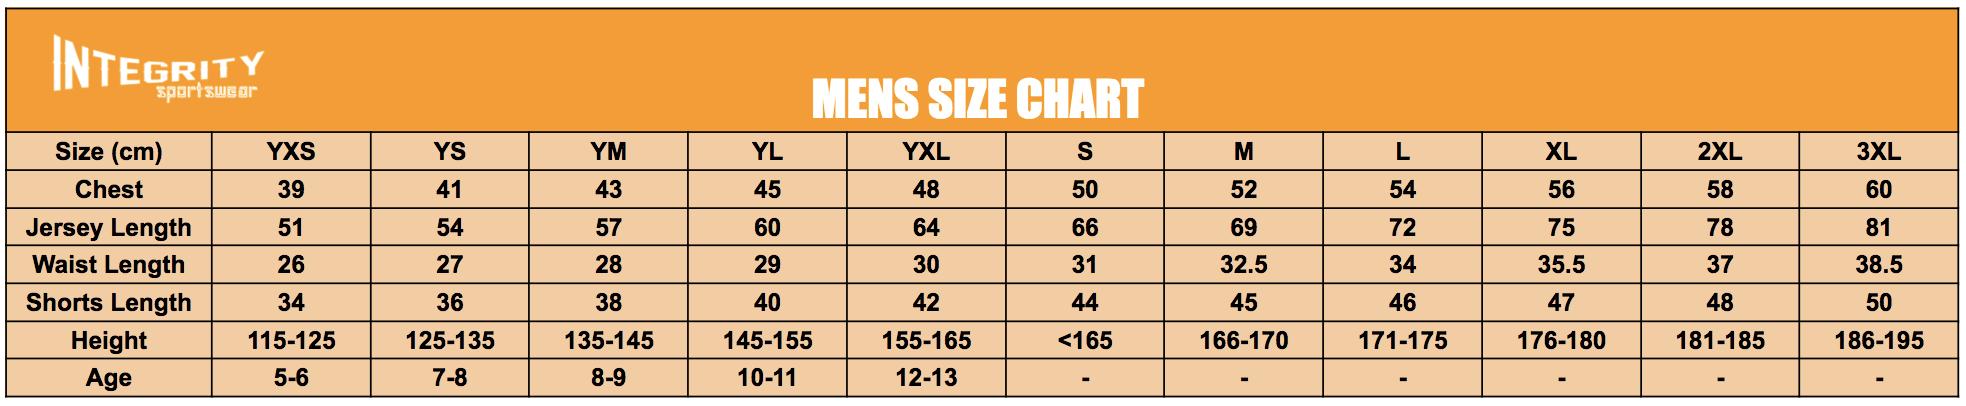 Sizechart Mens.png